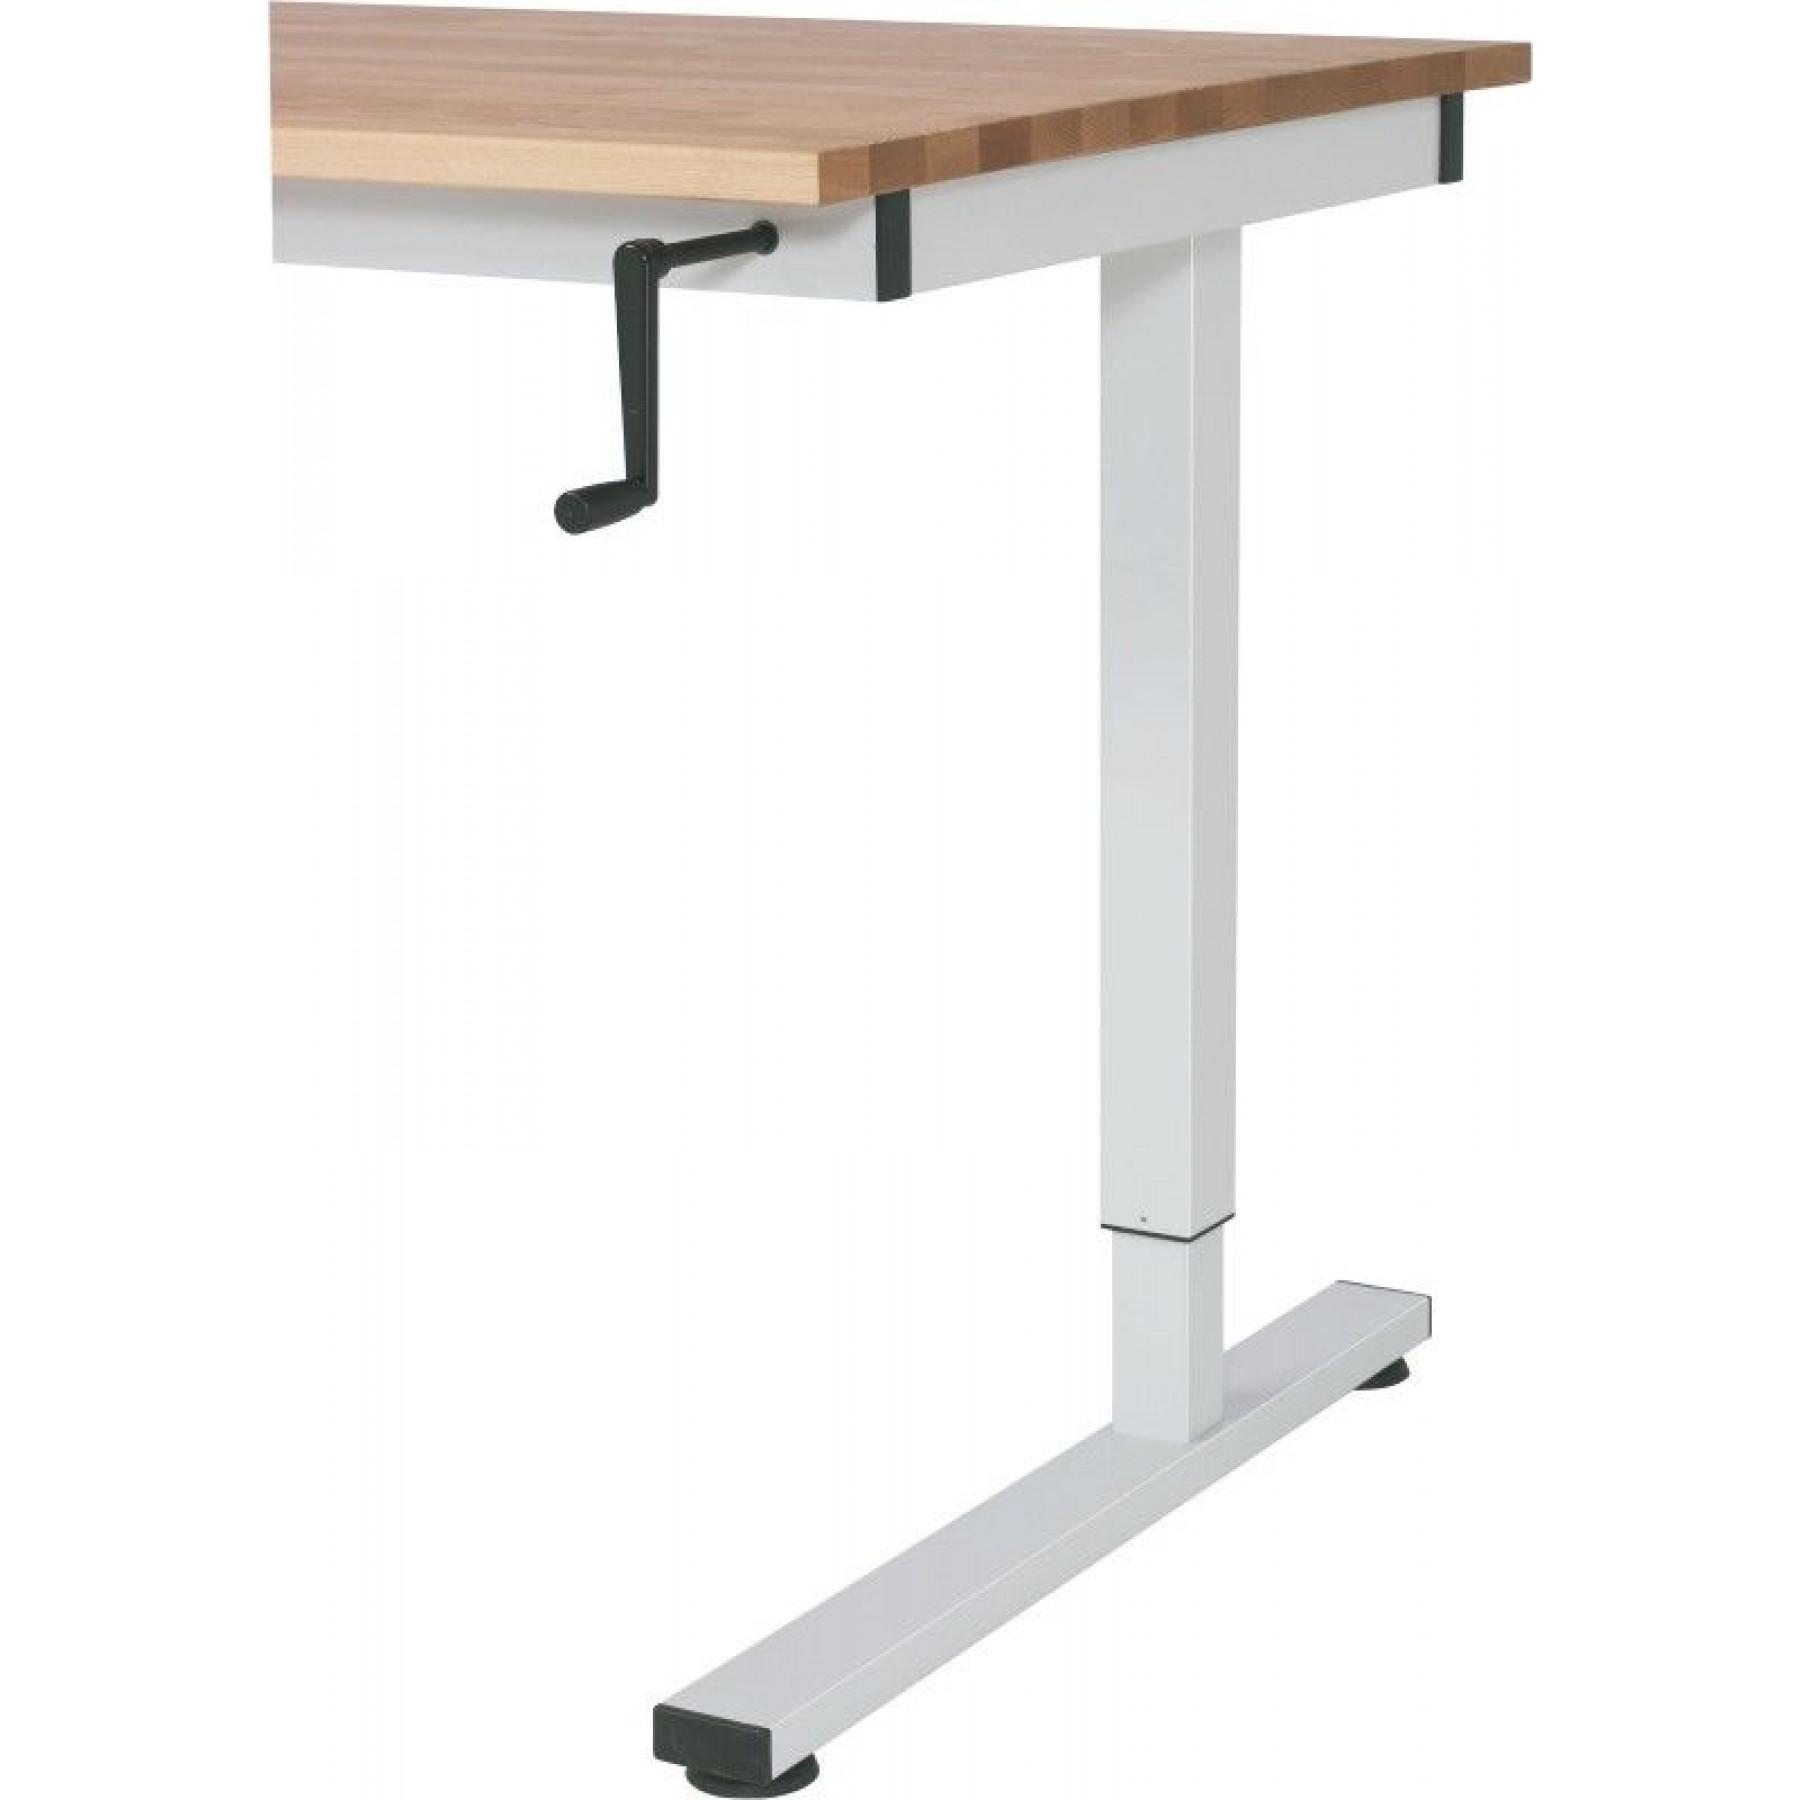 Werktafel, in hoogte verstelbaar d.m.v. handslinger